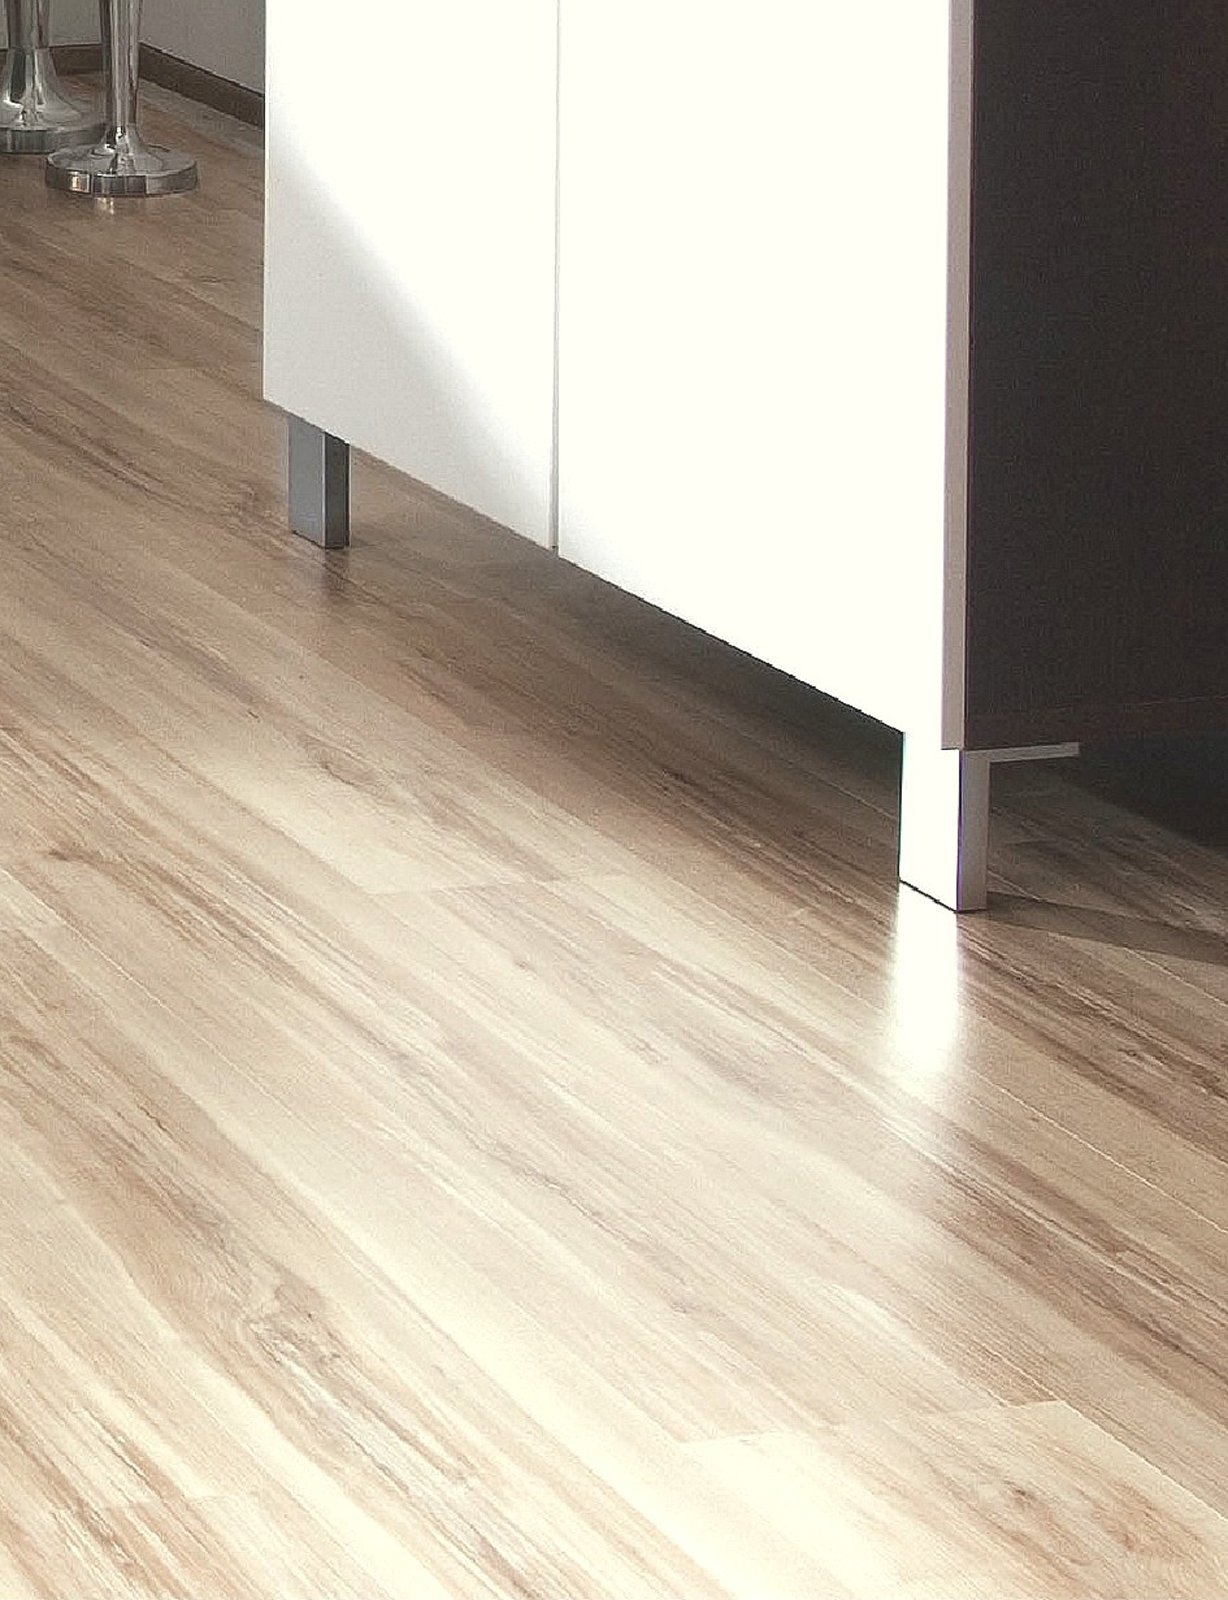 Pavimenti in laminato cose di casa - Pavimenti laminato ikea ...